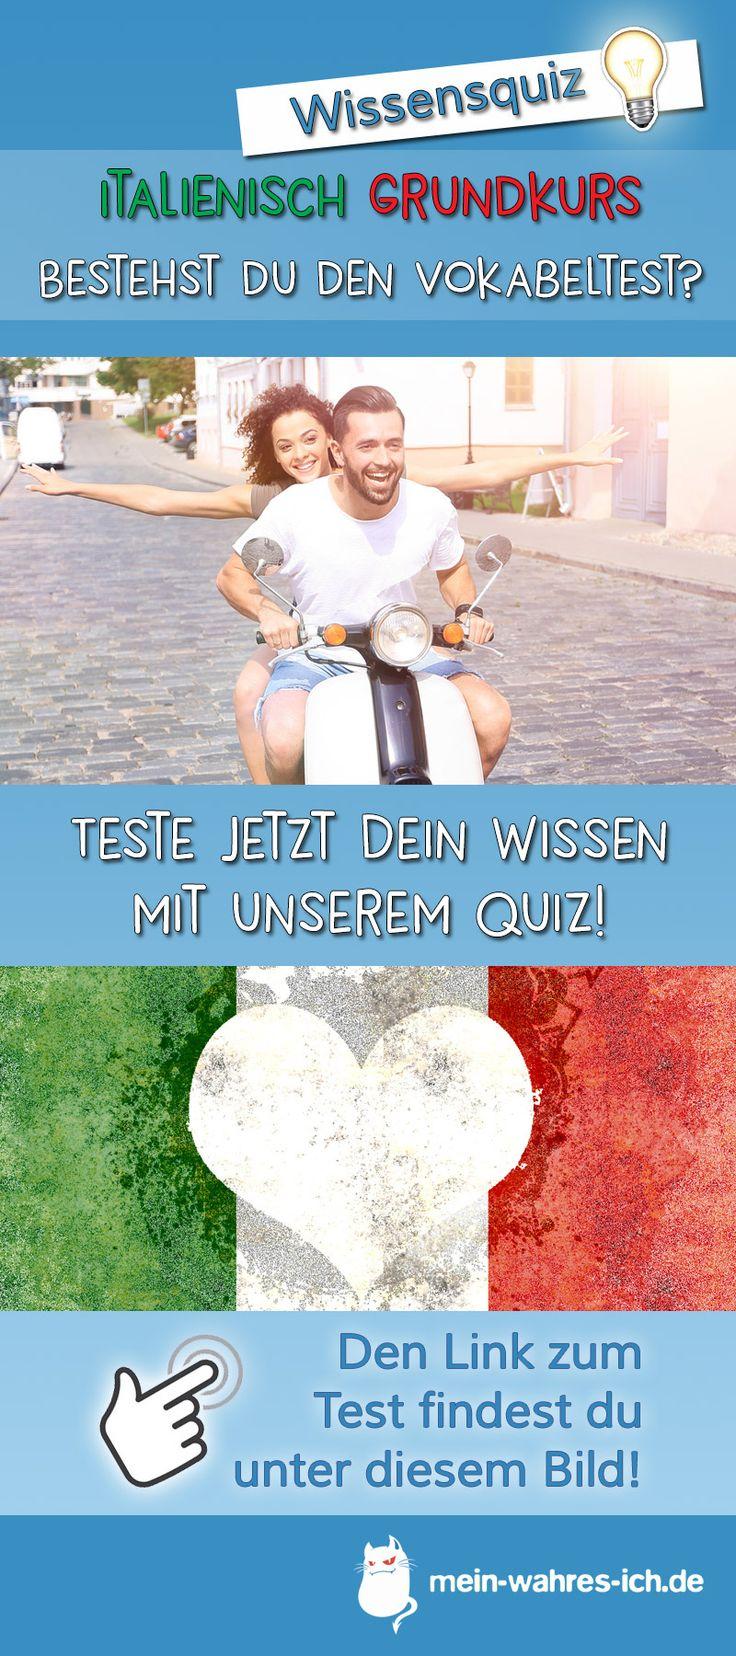 Italienisch Grundkurs - Bestehst du den Vokabeltest?  #meinwahresich #wissensquiz #testedeinwissen #italien #italienisch #vokabeltest #italienischkurs #quiz